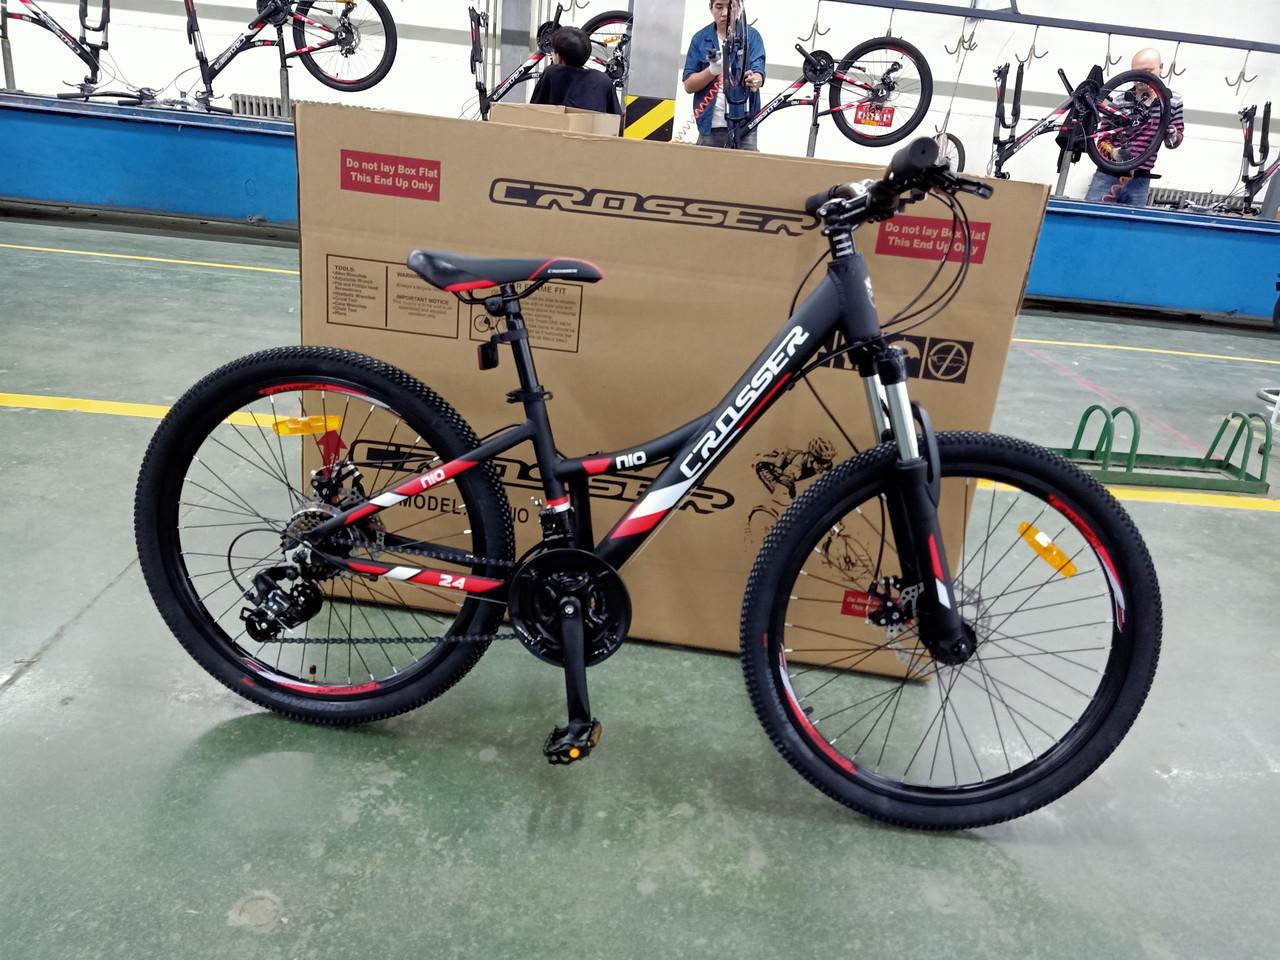 Велосипед CROSSER 24  Nio Stels 12,5  2020 года Черный\Красный цвет